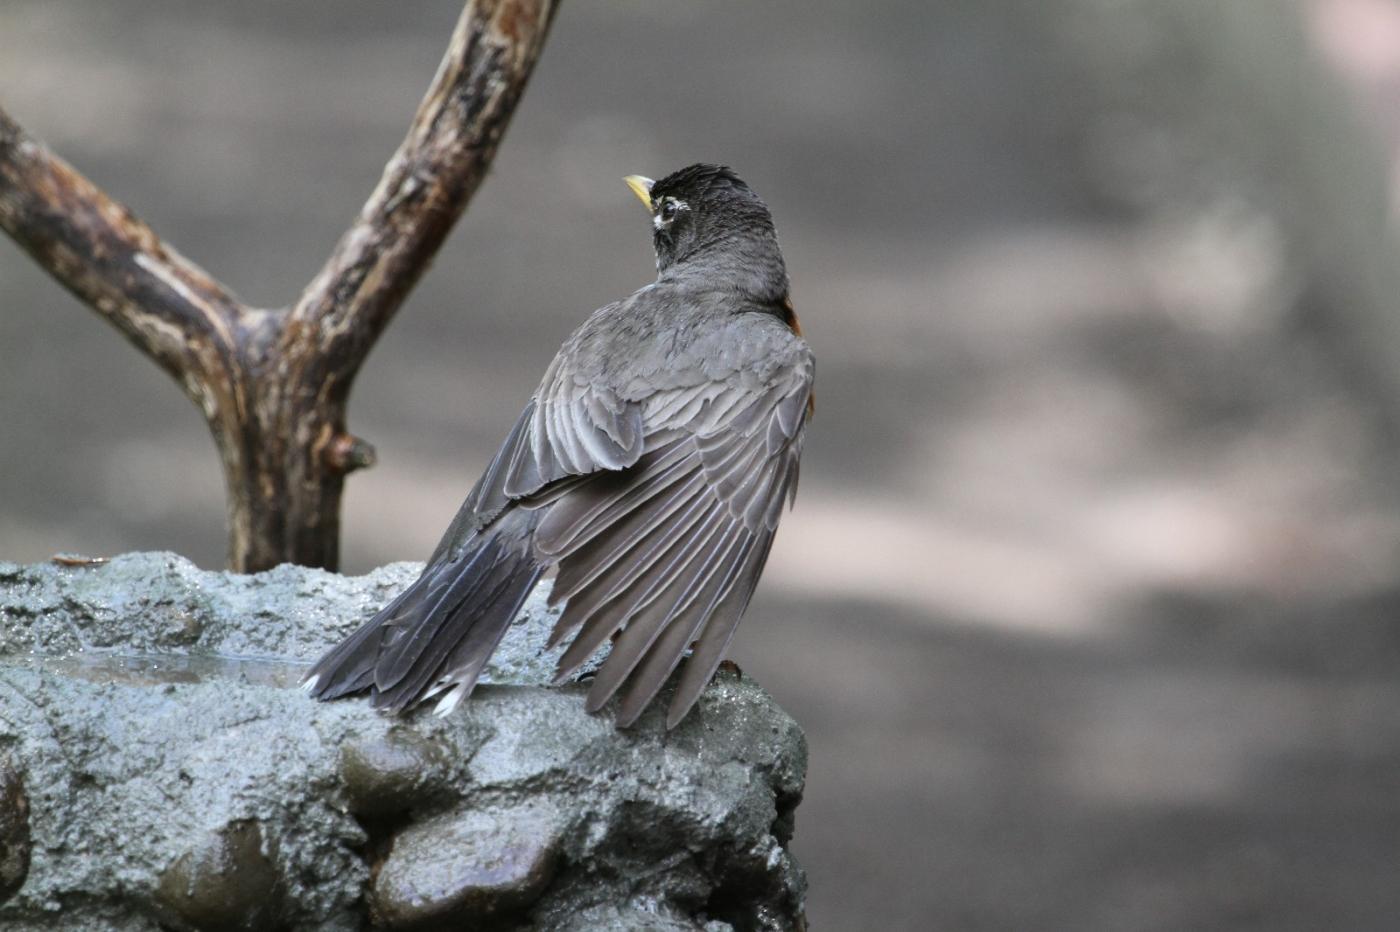 【田螺摄影】抓拍知更鸟淋浴_图1-22